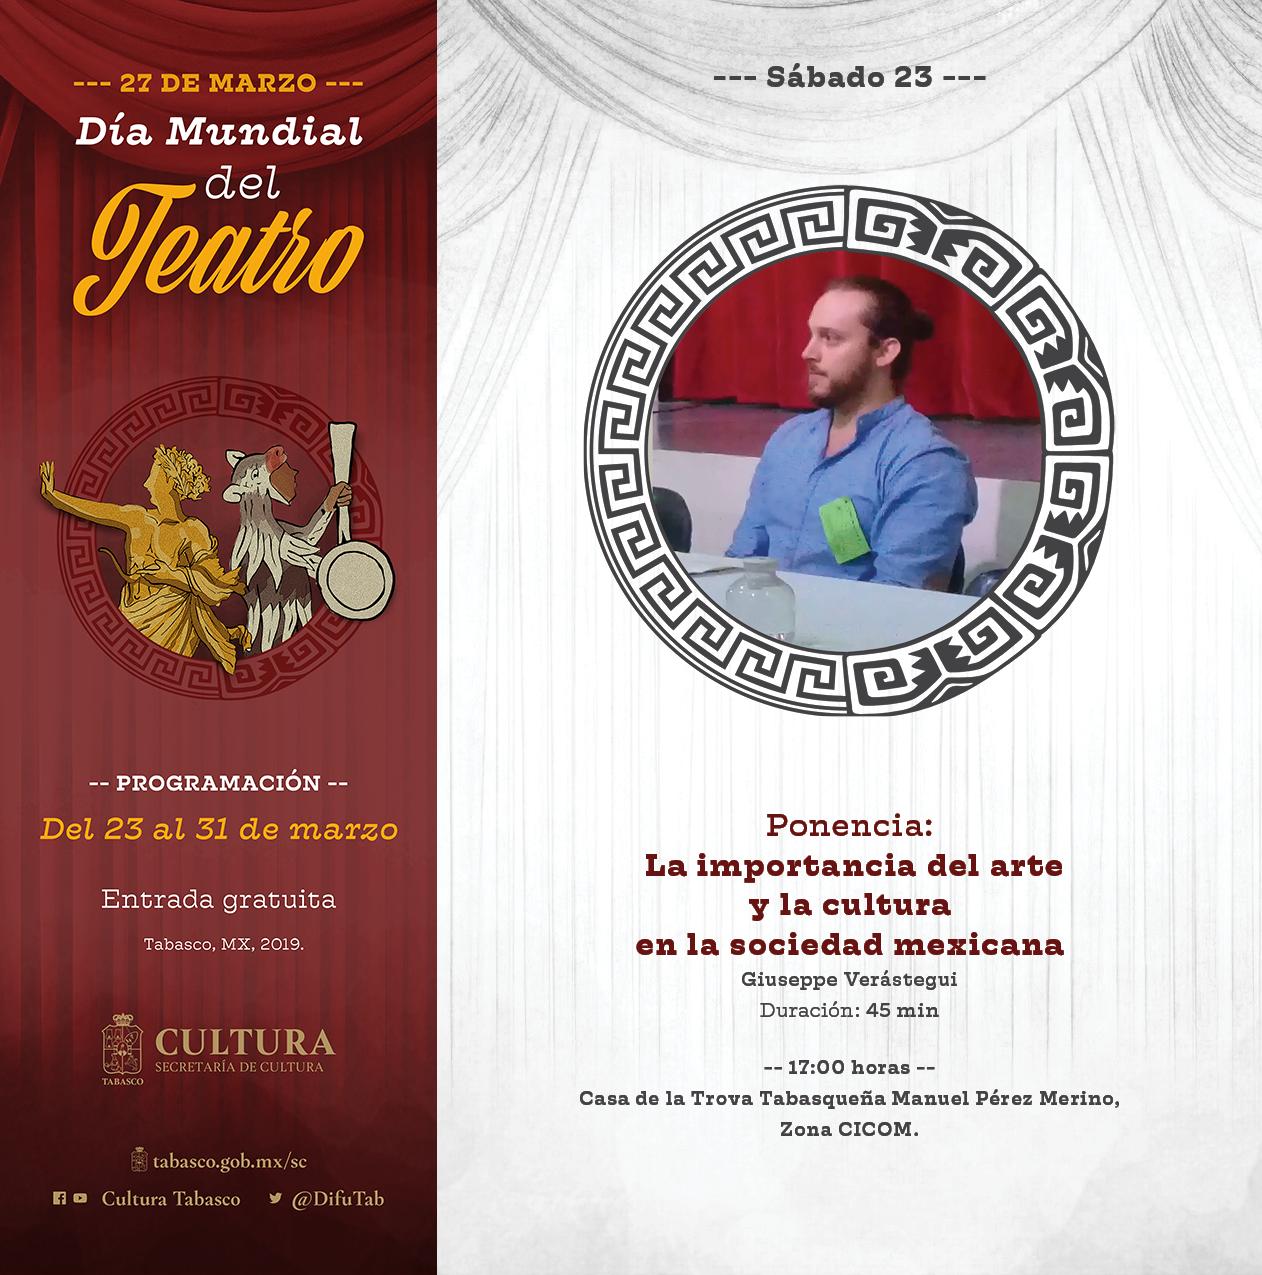 La importancia del arte y la cultura en la sociedad mexic...